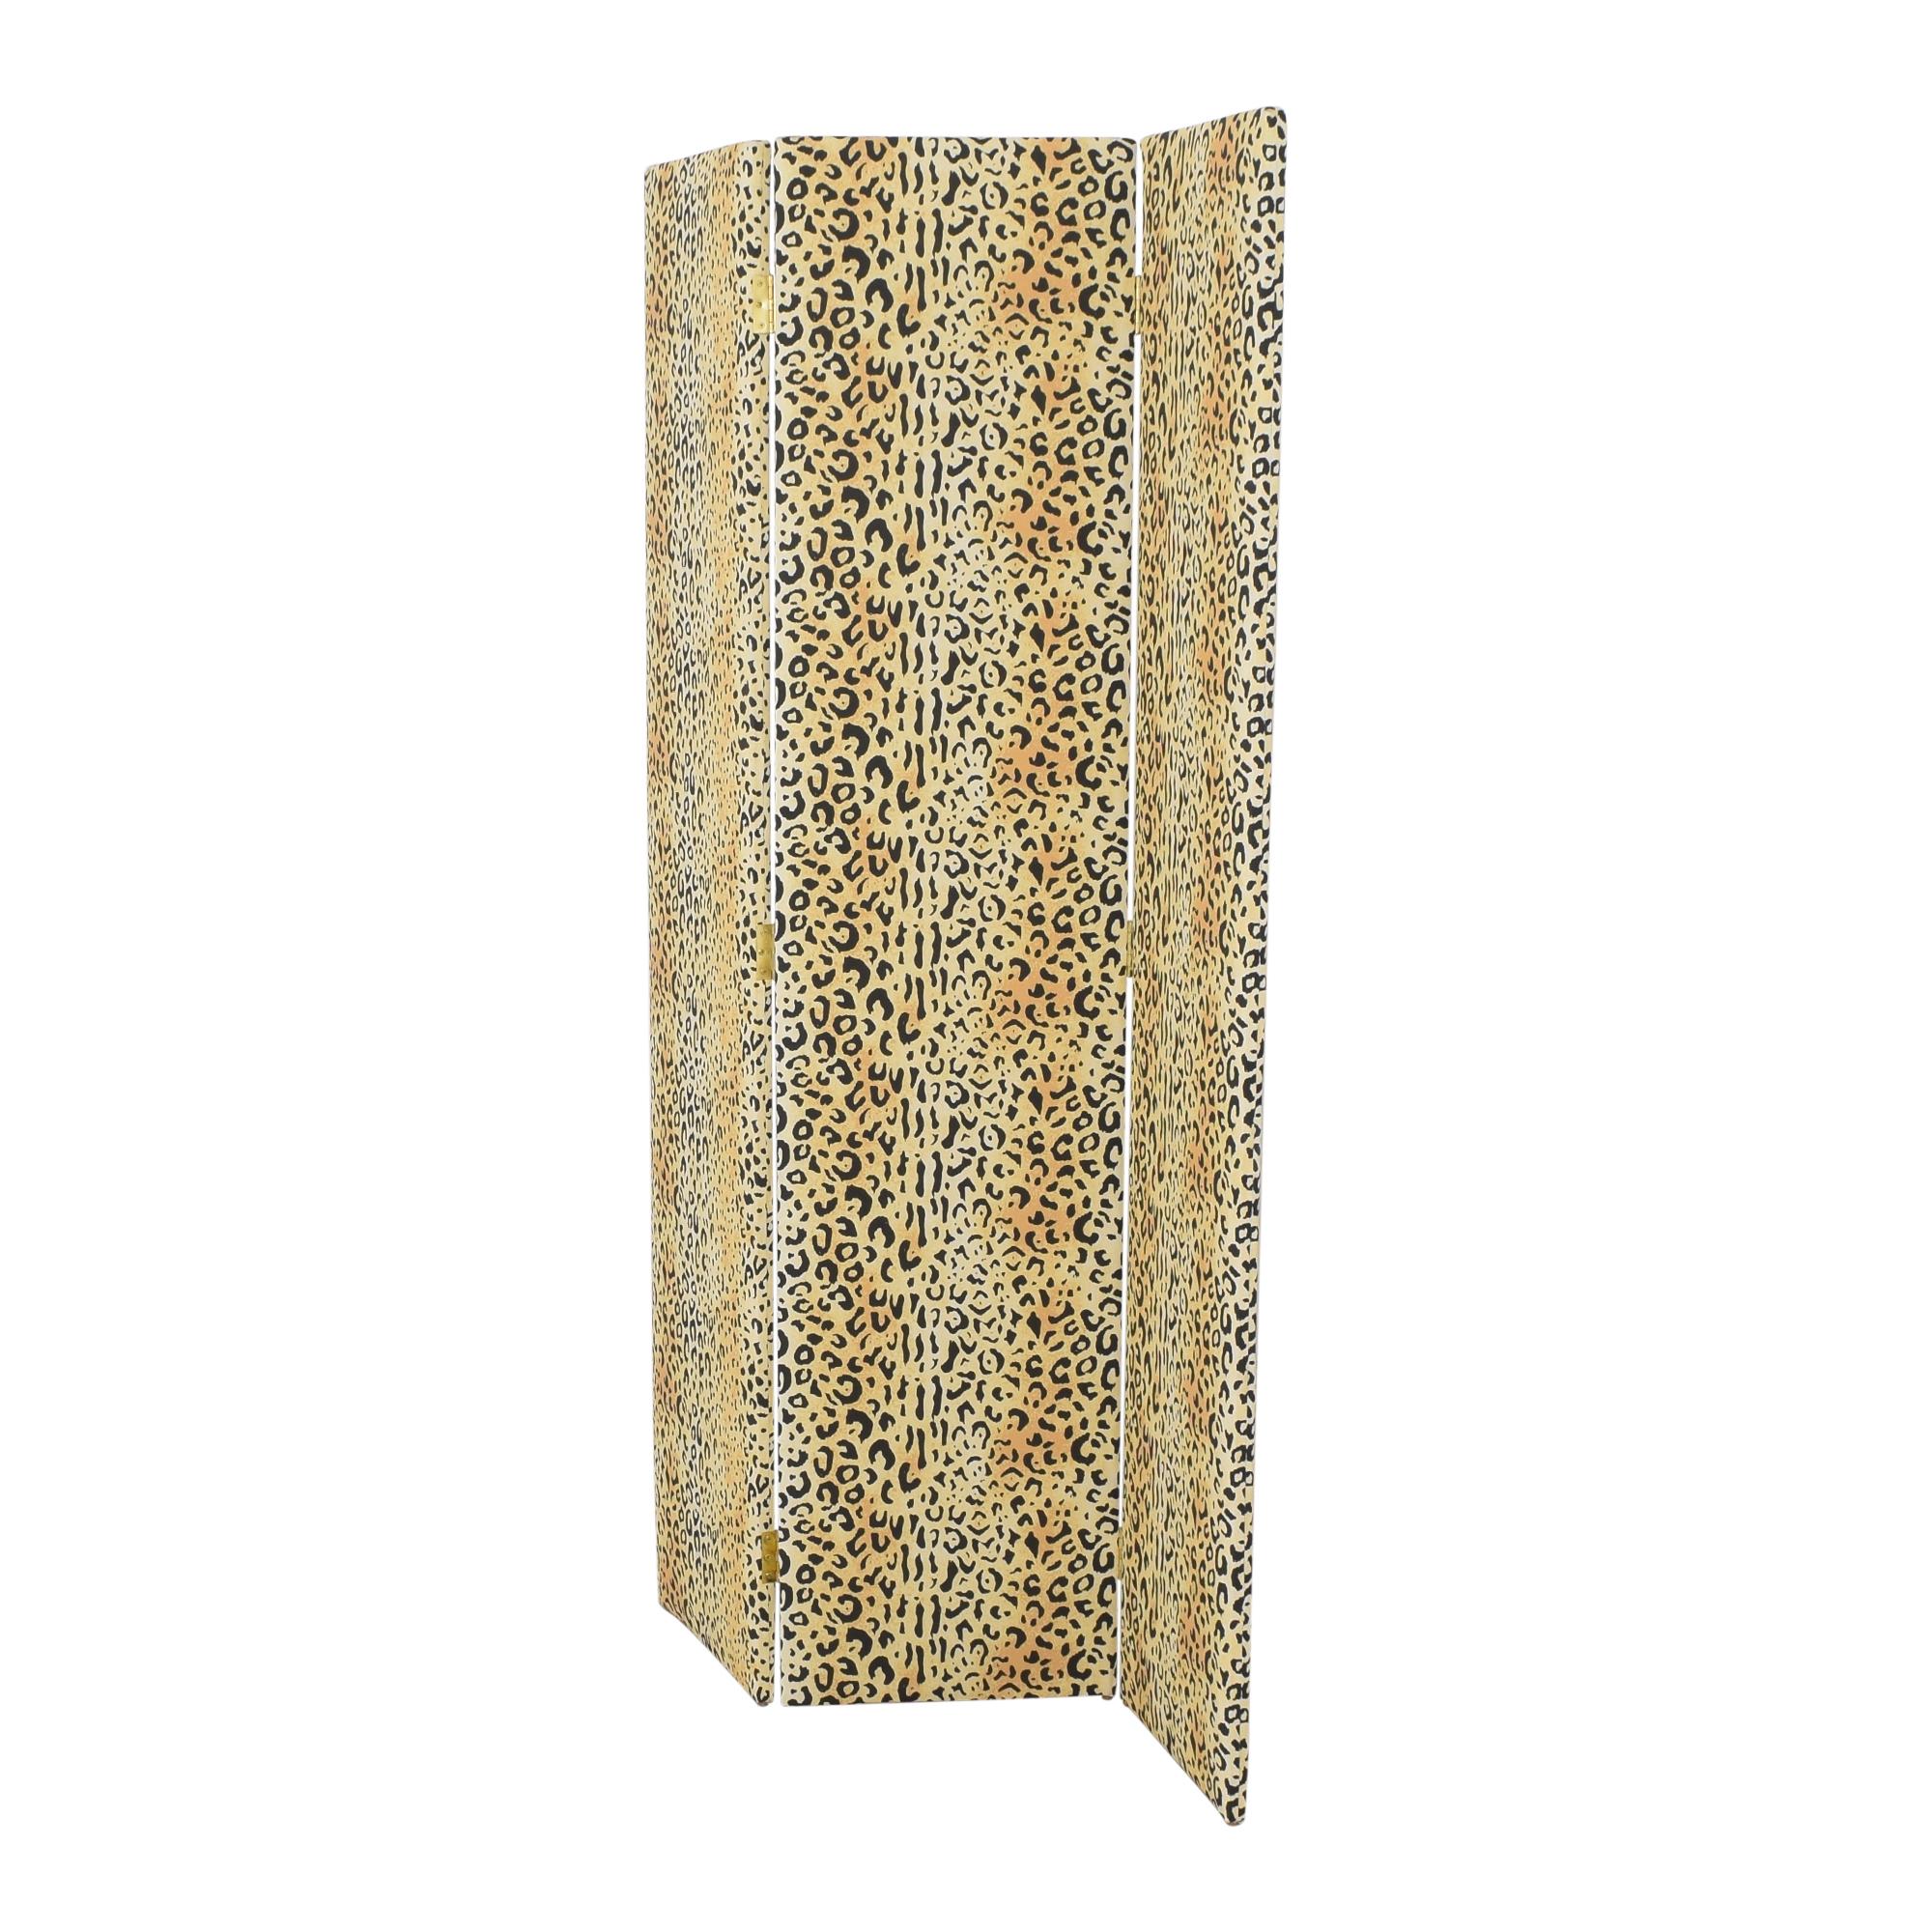 The Inside The Inside Leopard Modern Screen ma